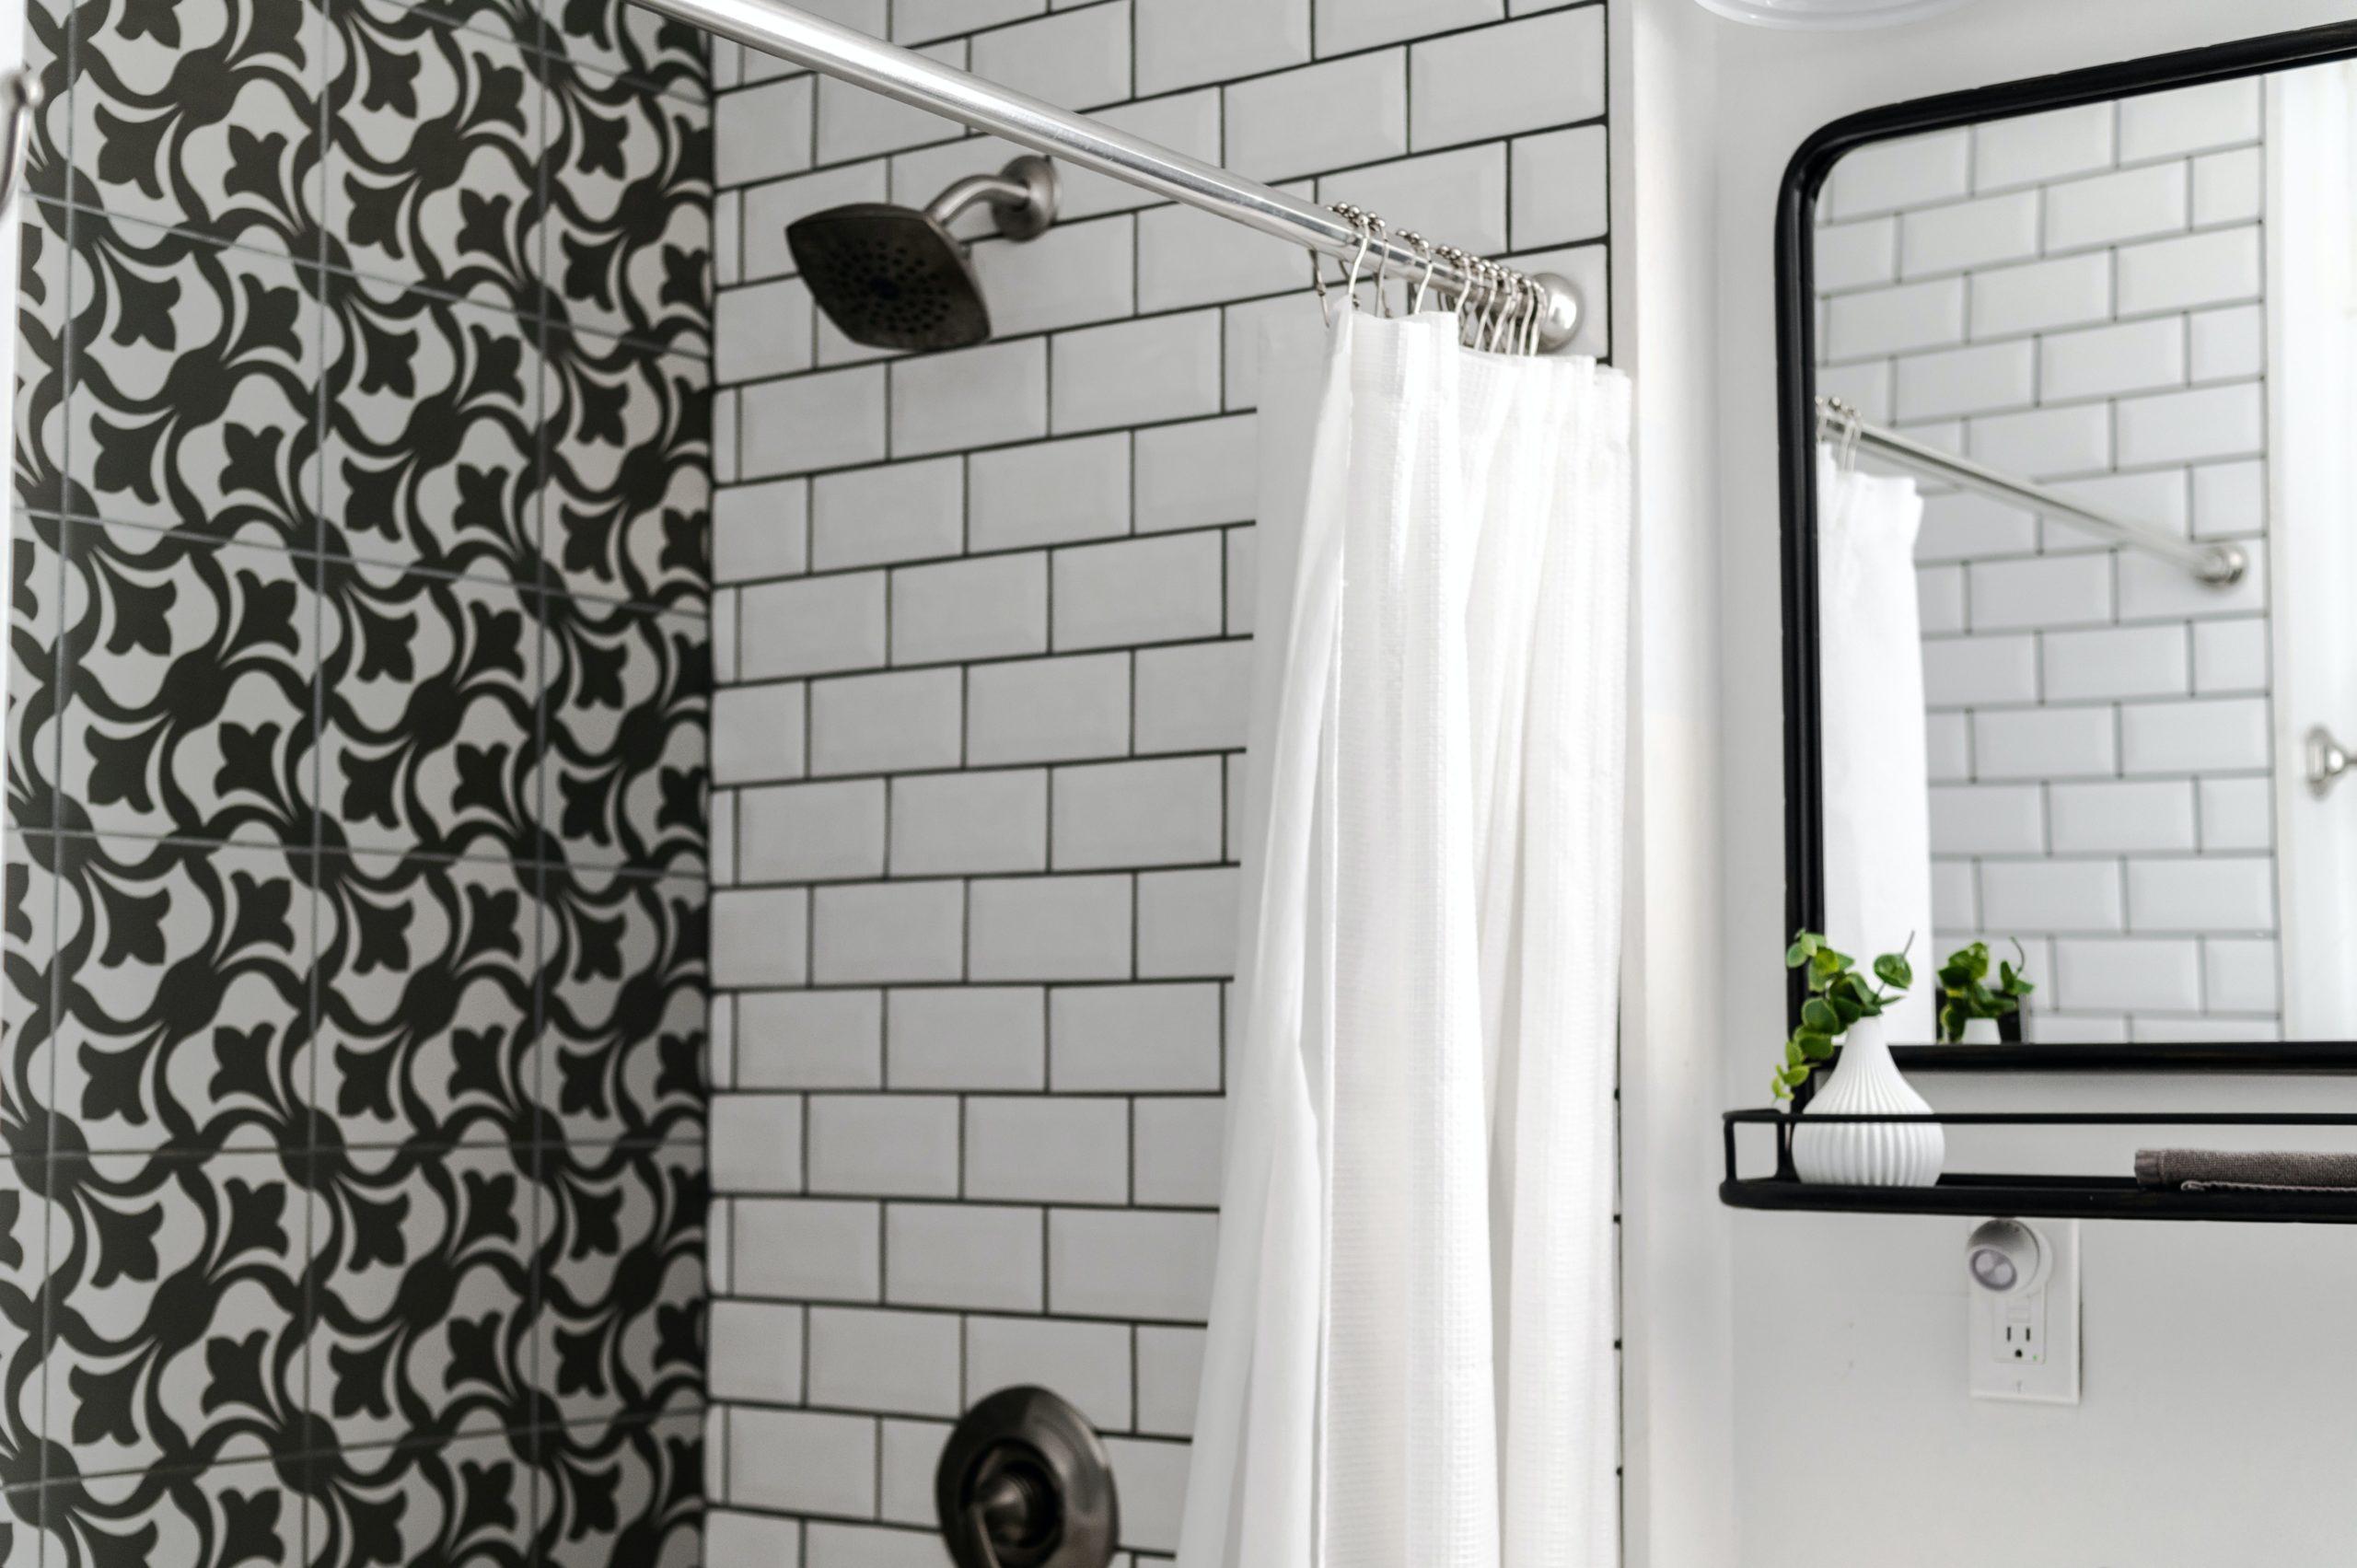 Bei einer neuen Duschkabine kommen meist Kosten auf dich zu